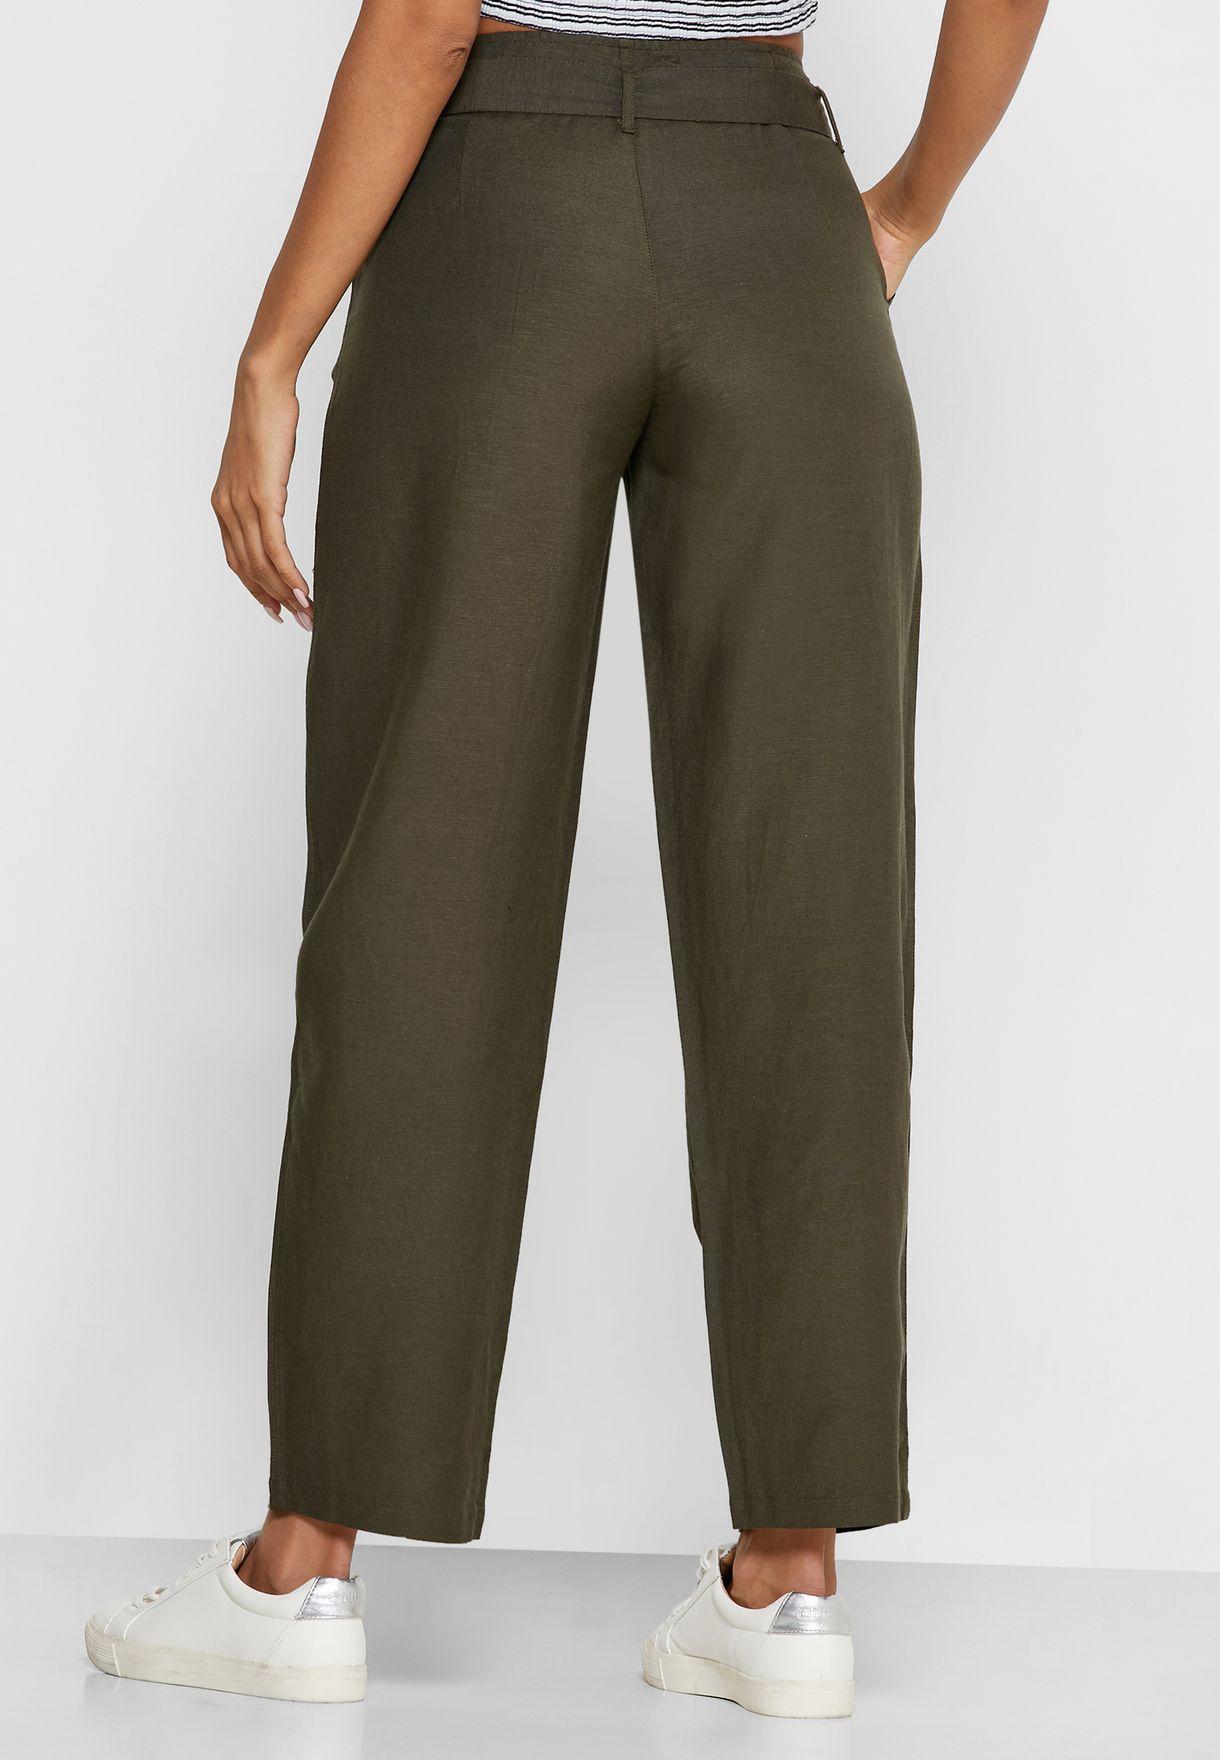 High Waist Belted Pants